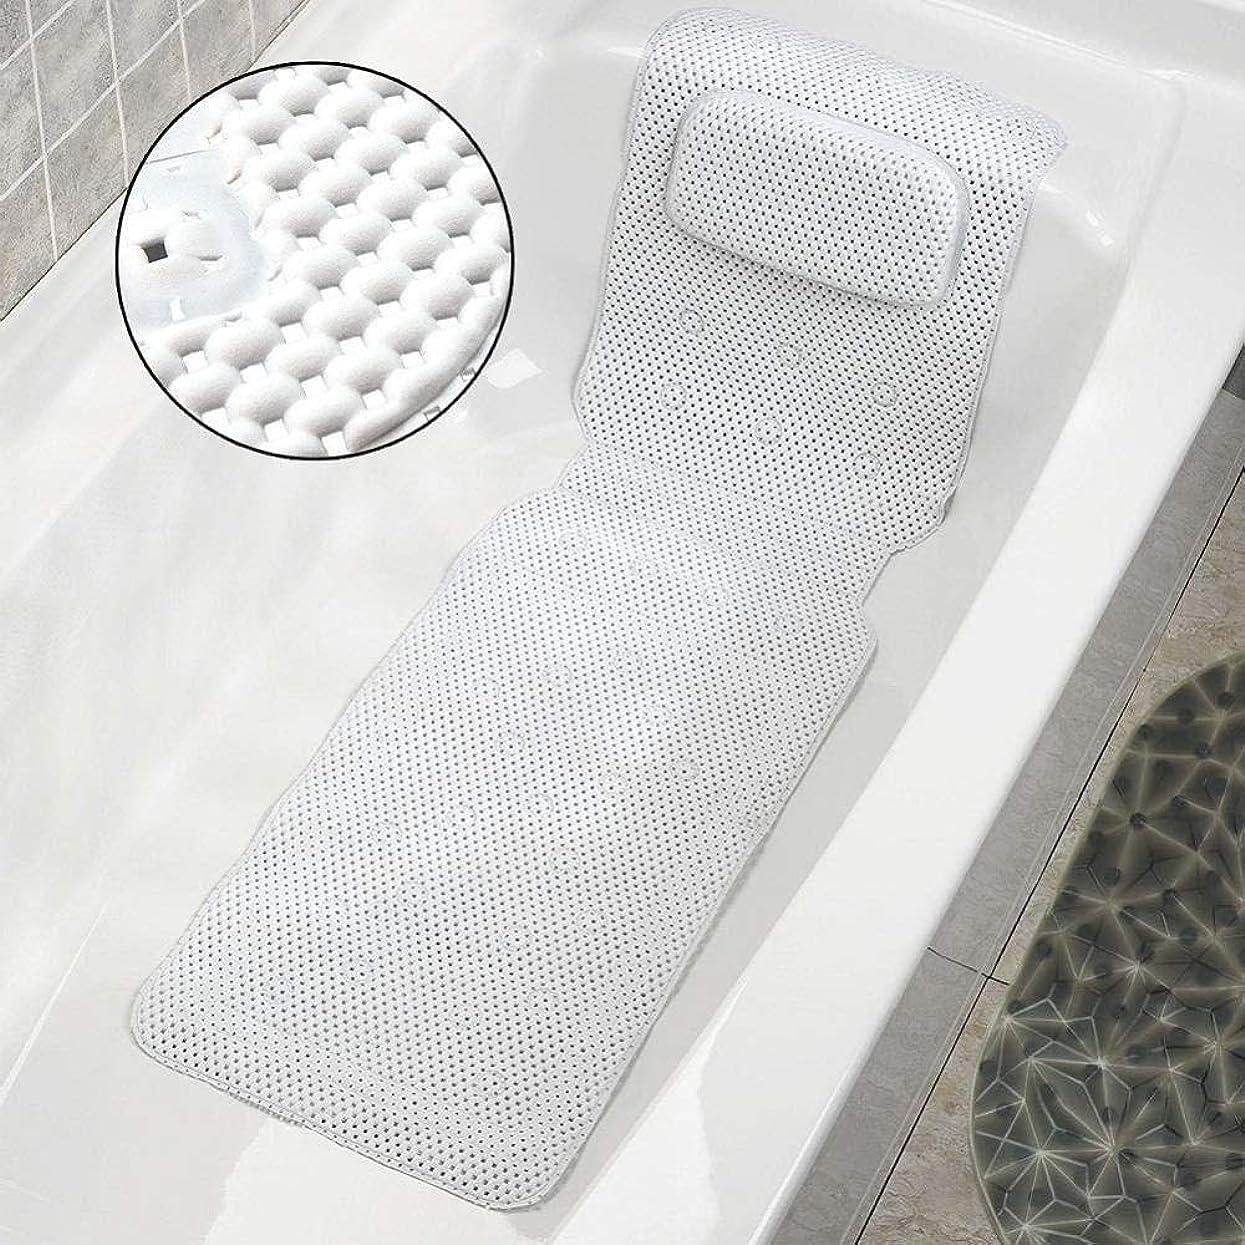 信頼性維持する商人LMCLJJ バスピロー全身用速乾性スパピロー浴槽、ソフトPVC付きバスタブピロー、吸引カップ付きバスベッド通気性